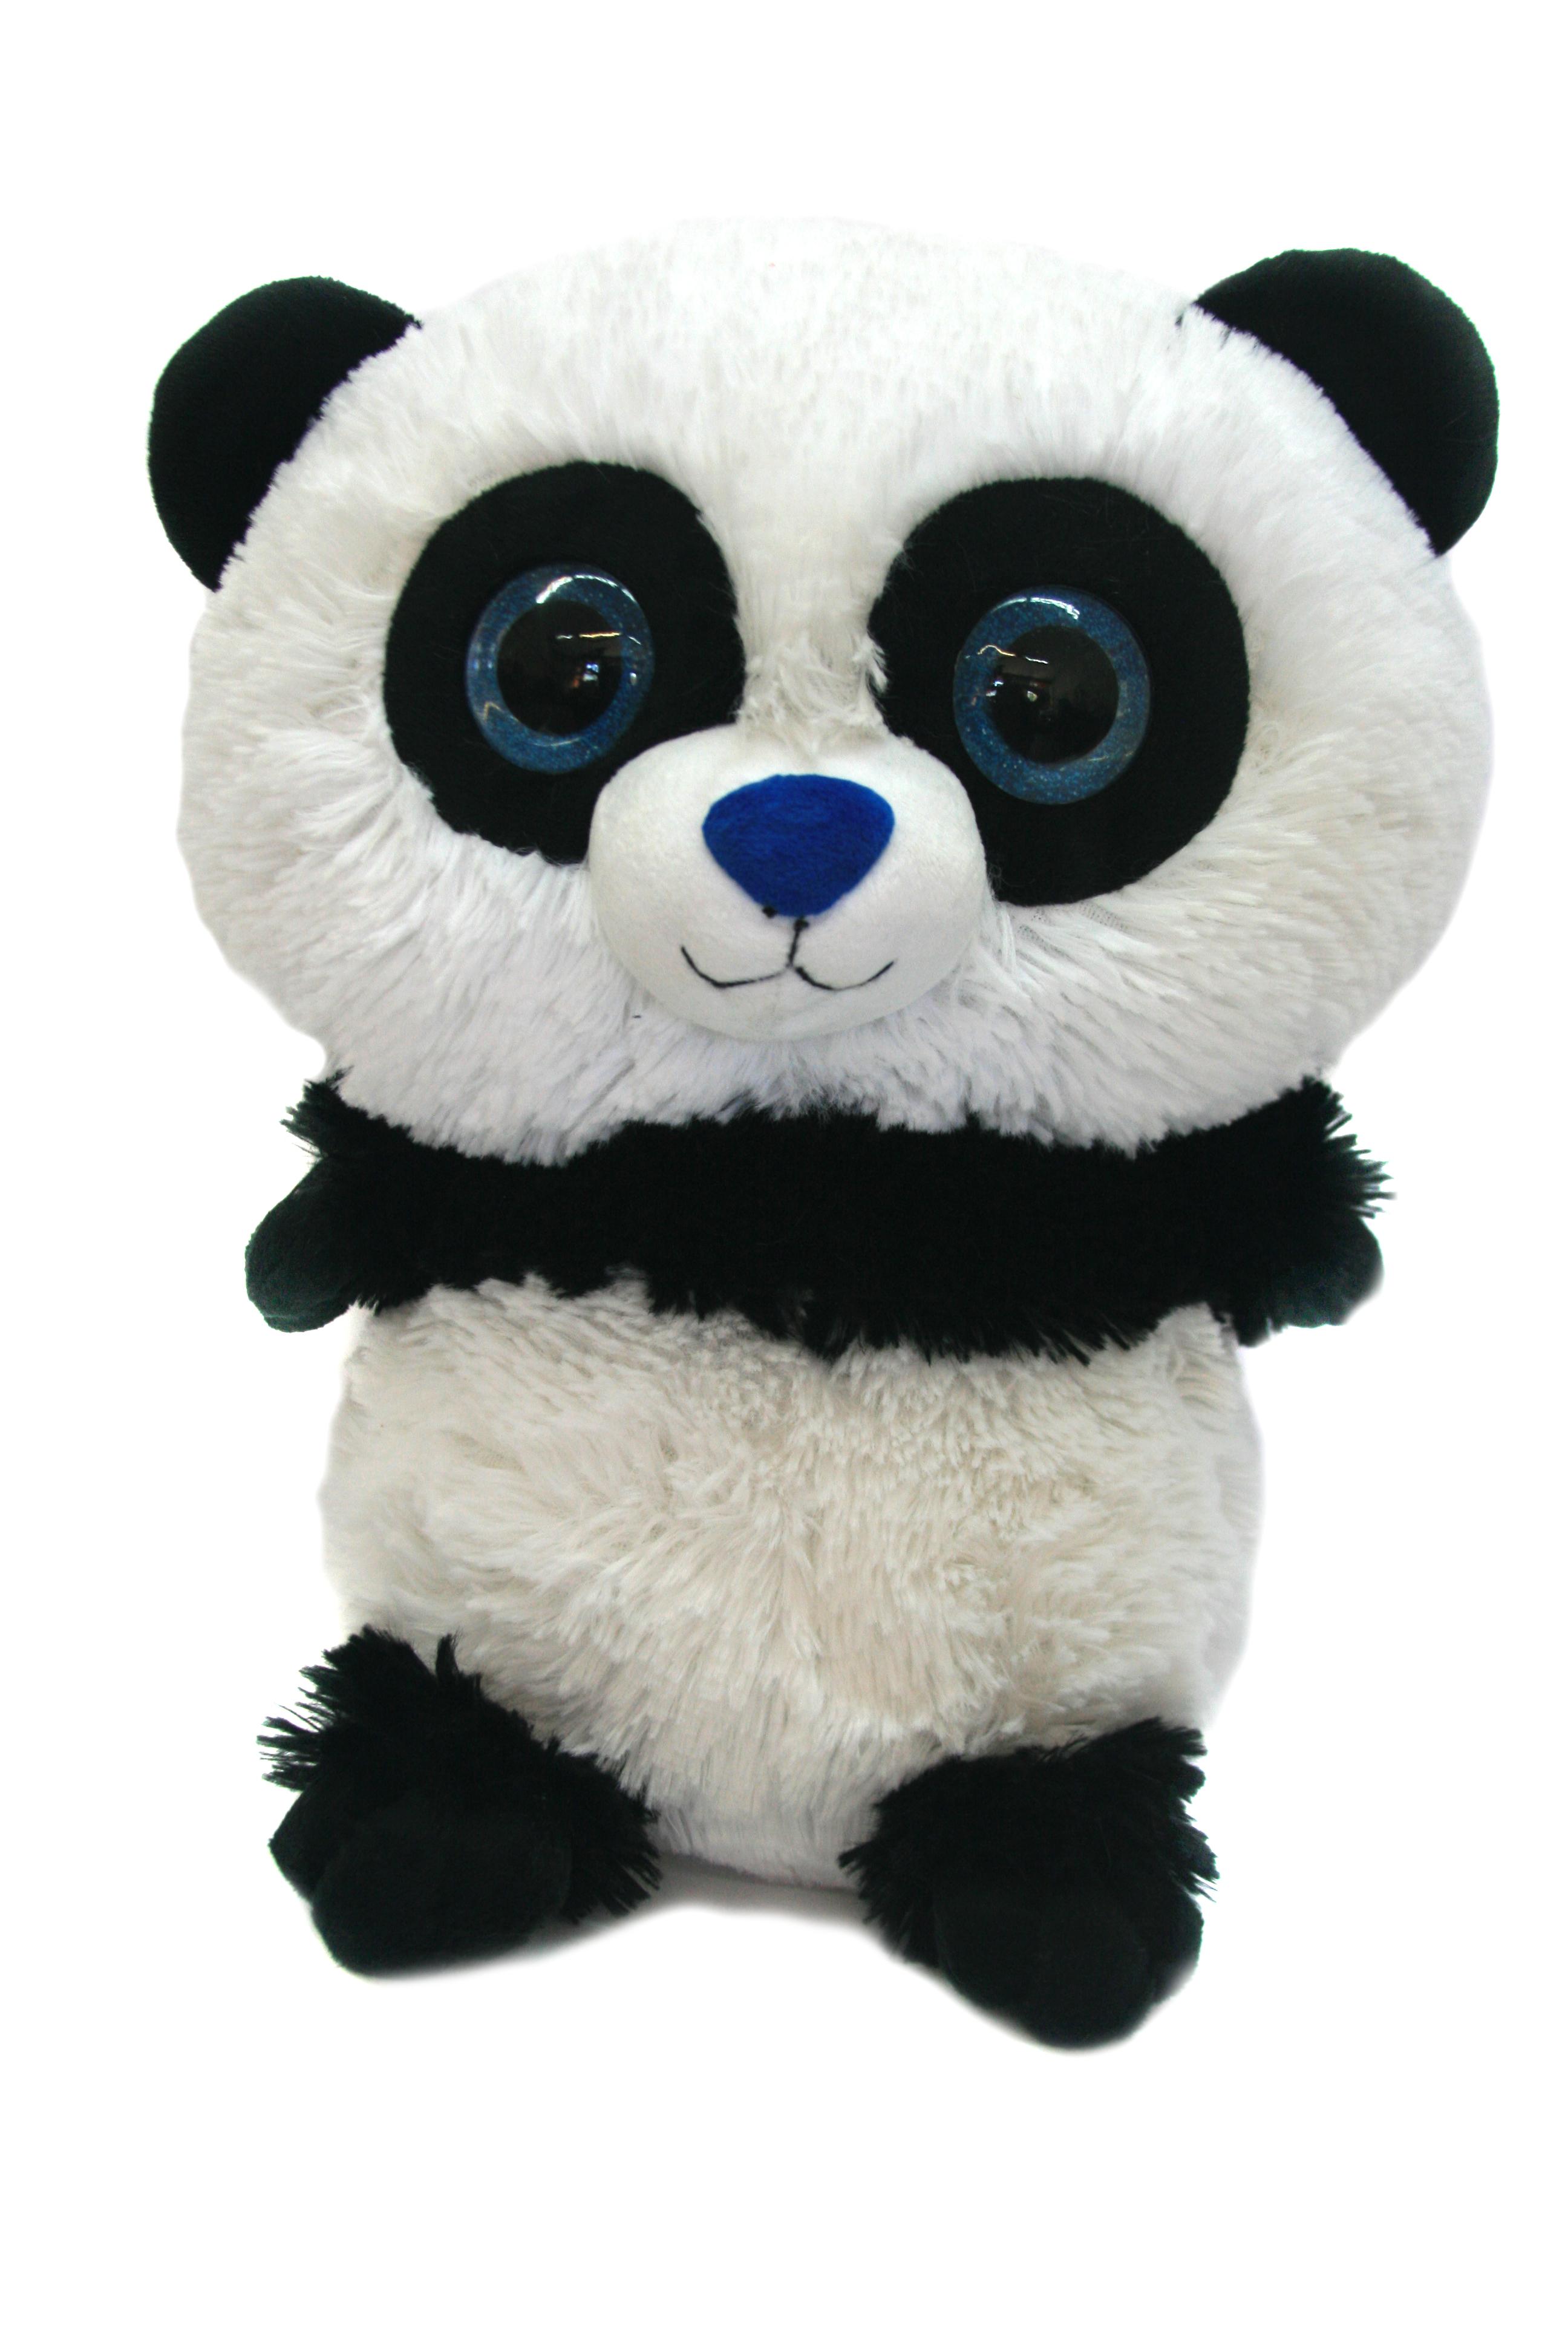 Мягкие игрушки СмолТойс Мягкая игрушка СмолТойс «Панда глазастик» 35 см мягкая игрушка смолтойс зайка радужный 51 см